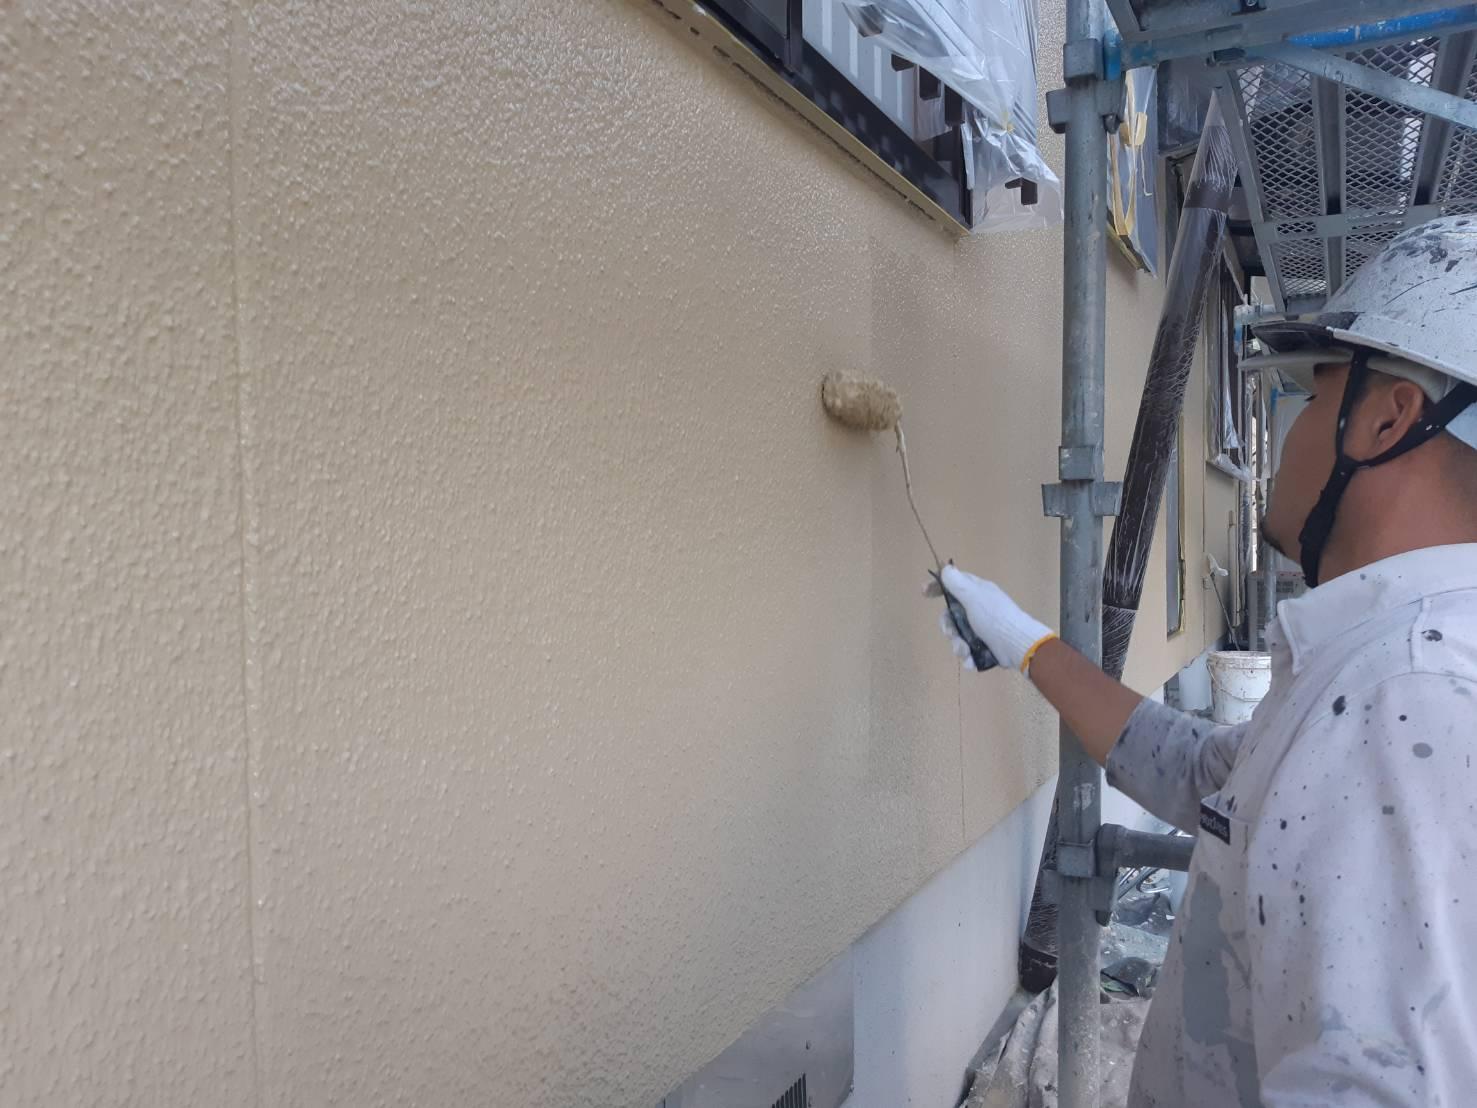 鞍手郡鞍手町八尋神田T様邸施工7日目外壁上塗り付帯塗装作業